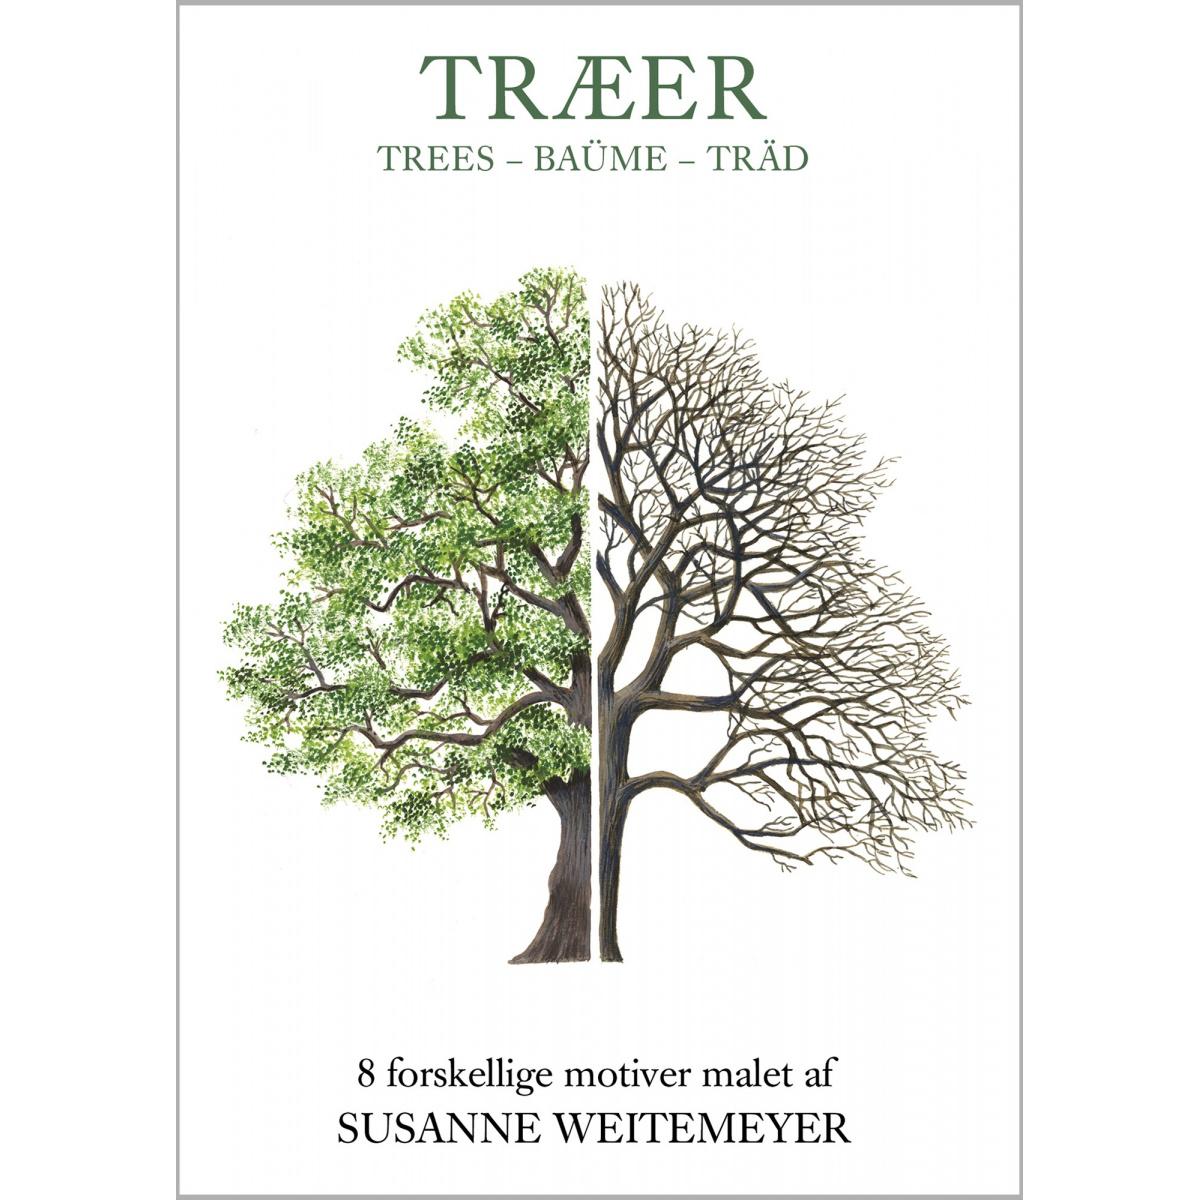 Koustrup & Co. kortmappe - træer